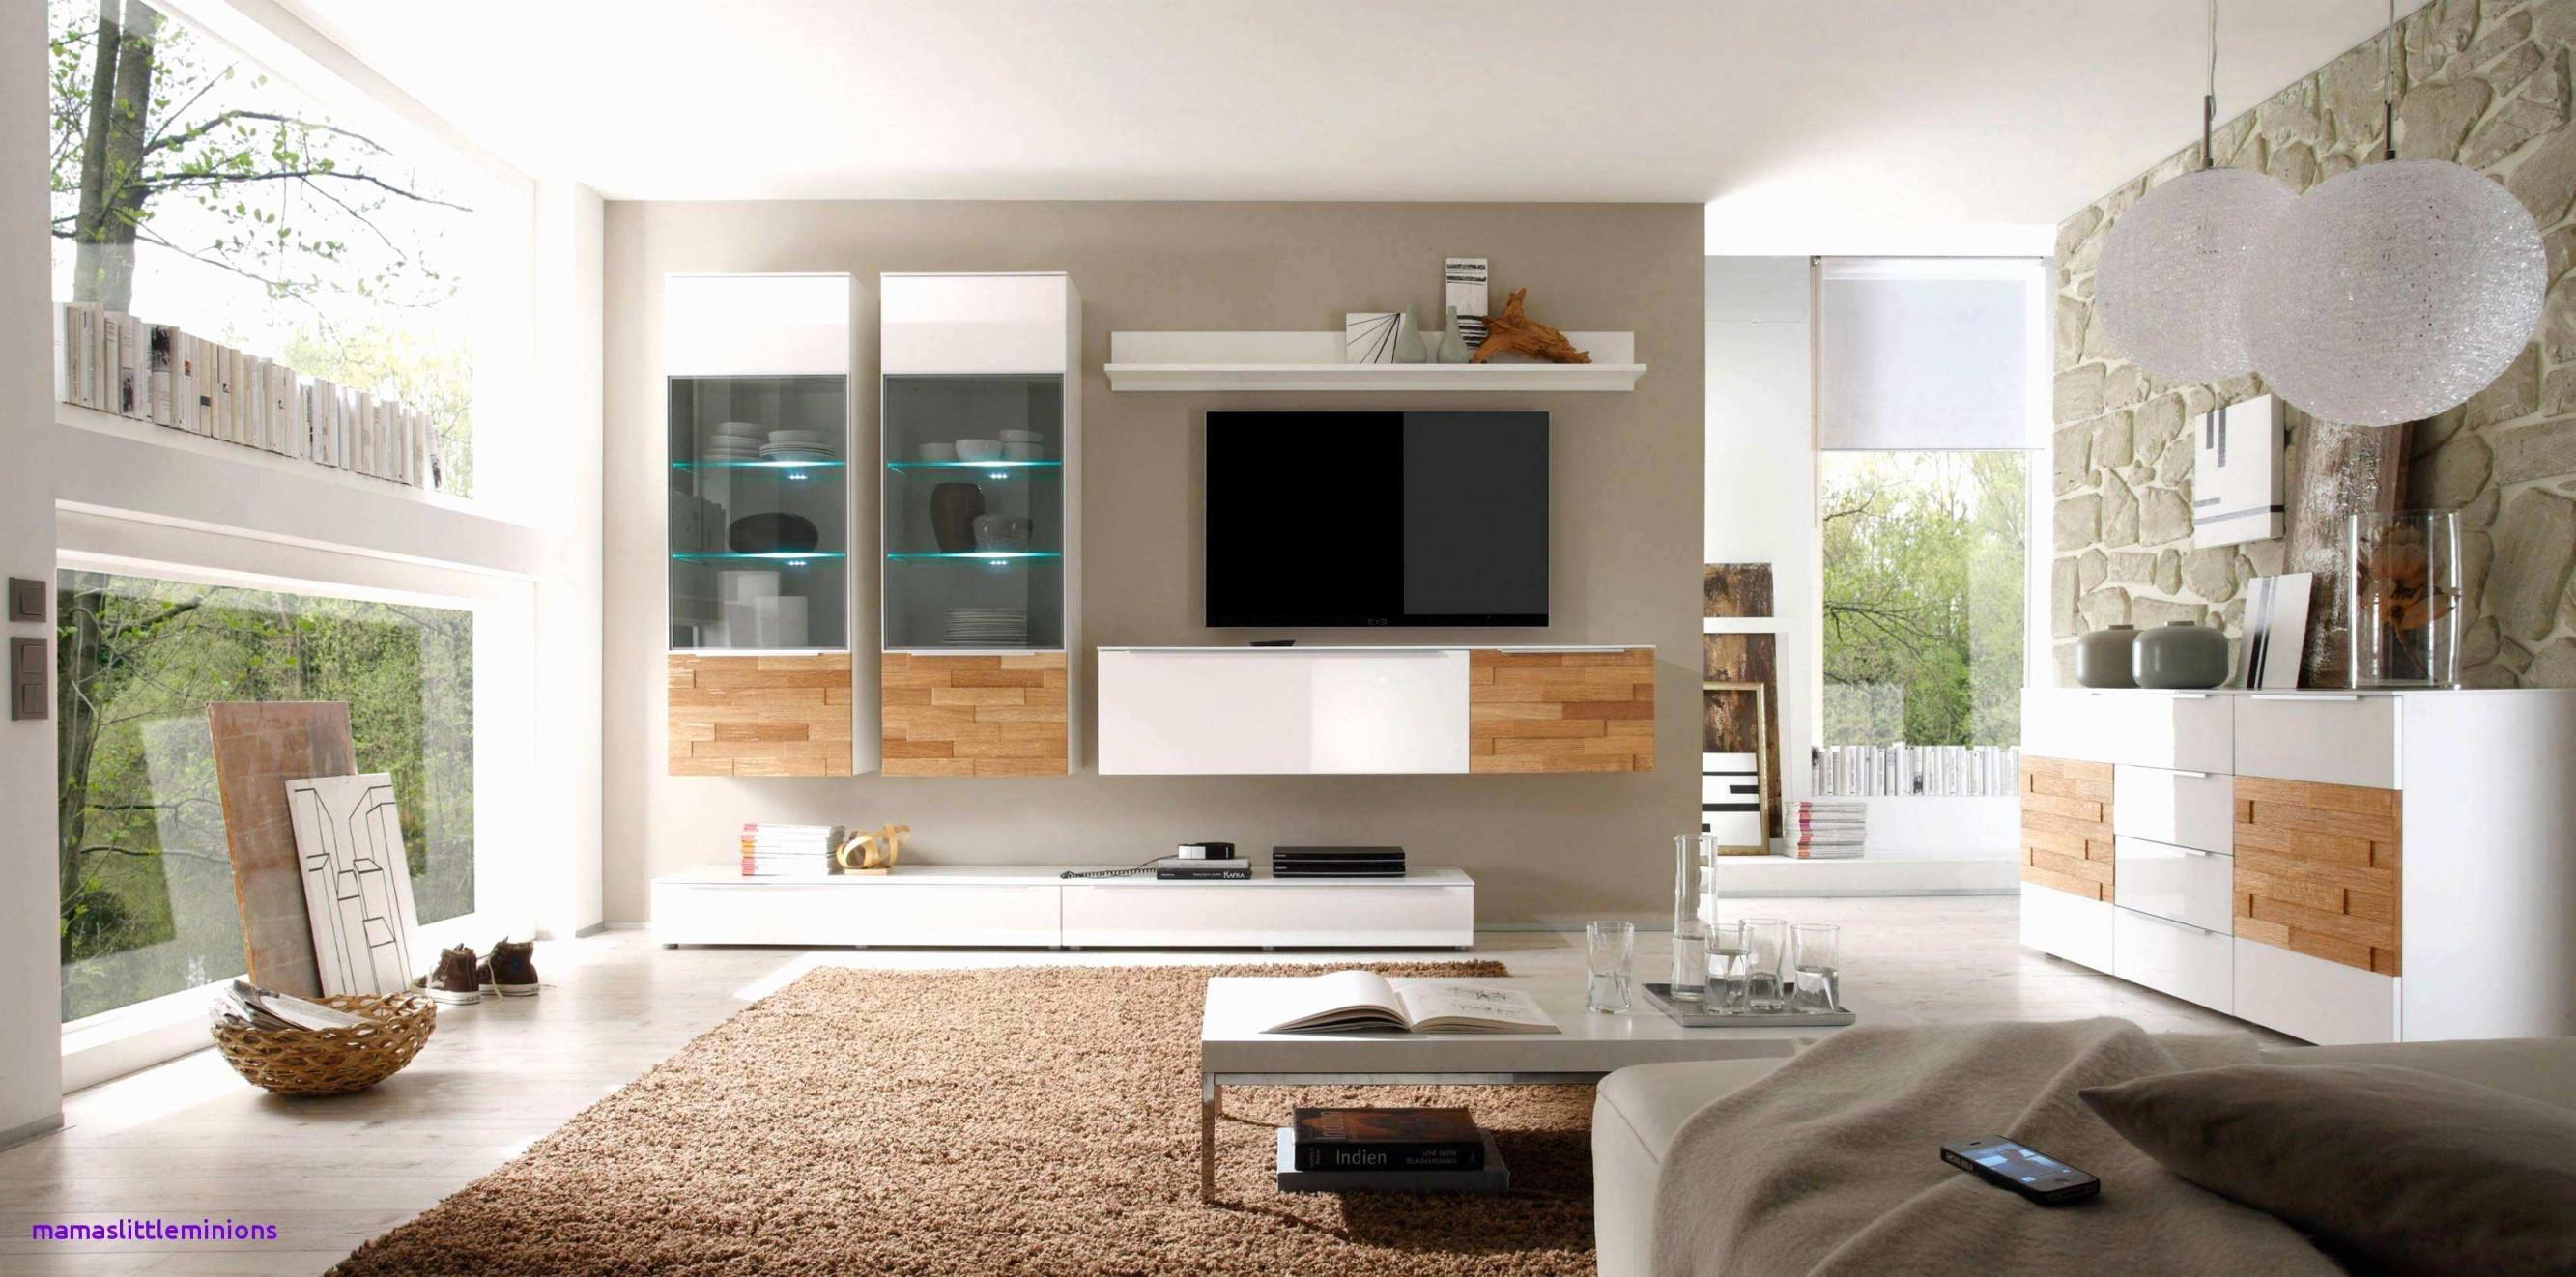 59 Neu Wohnzimmer Einrichten 3D Das Beste Von  Tolles von Wohnzimmer Einrichten 3D Photo